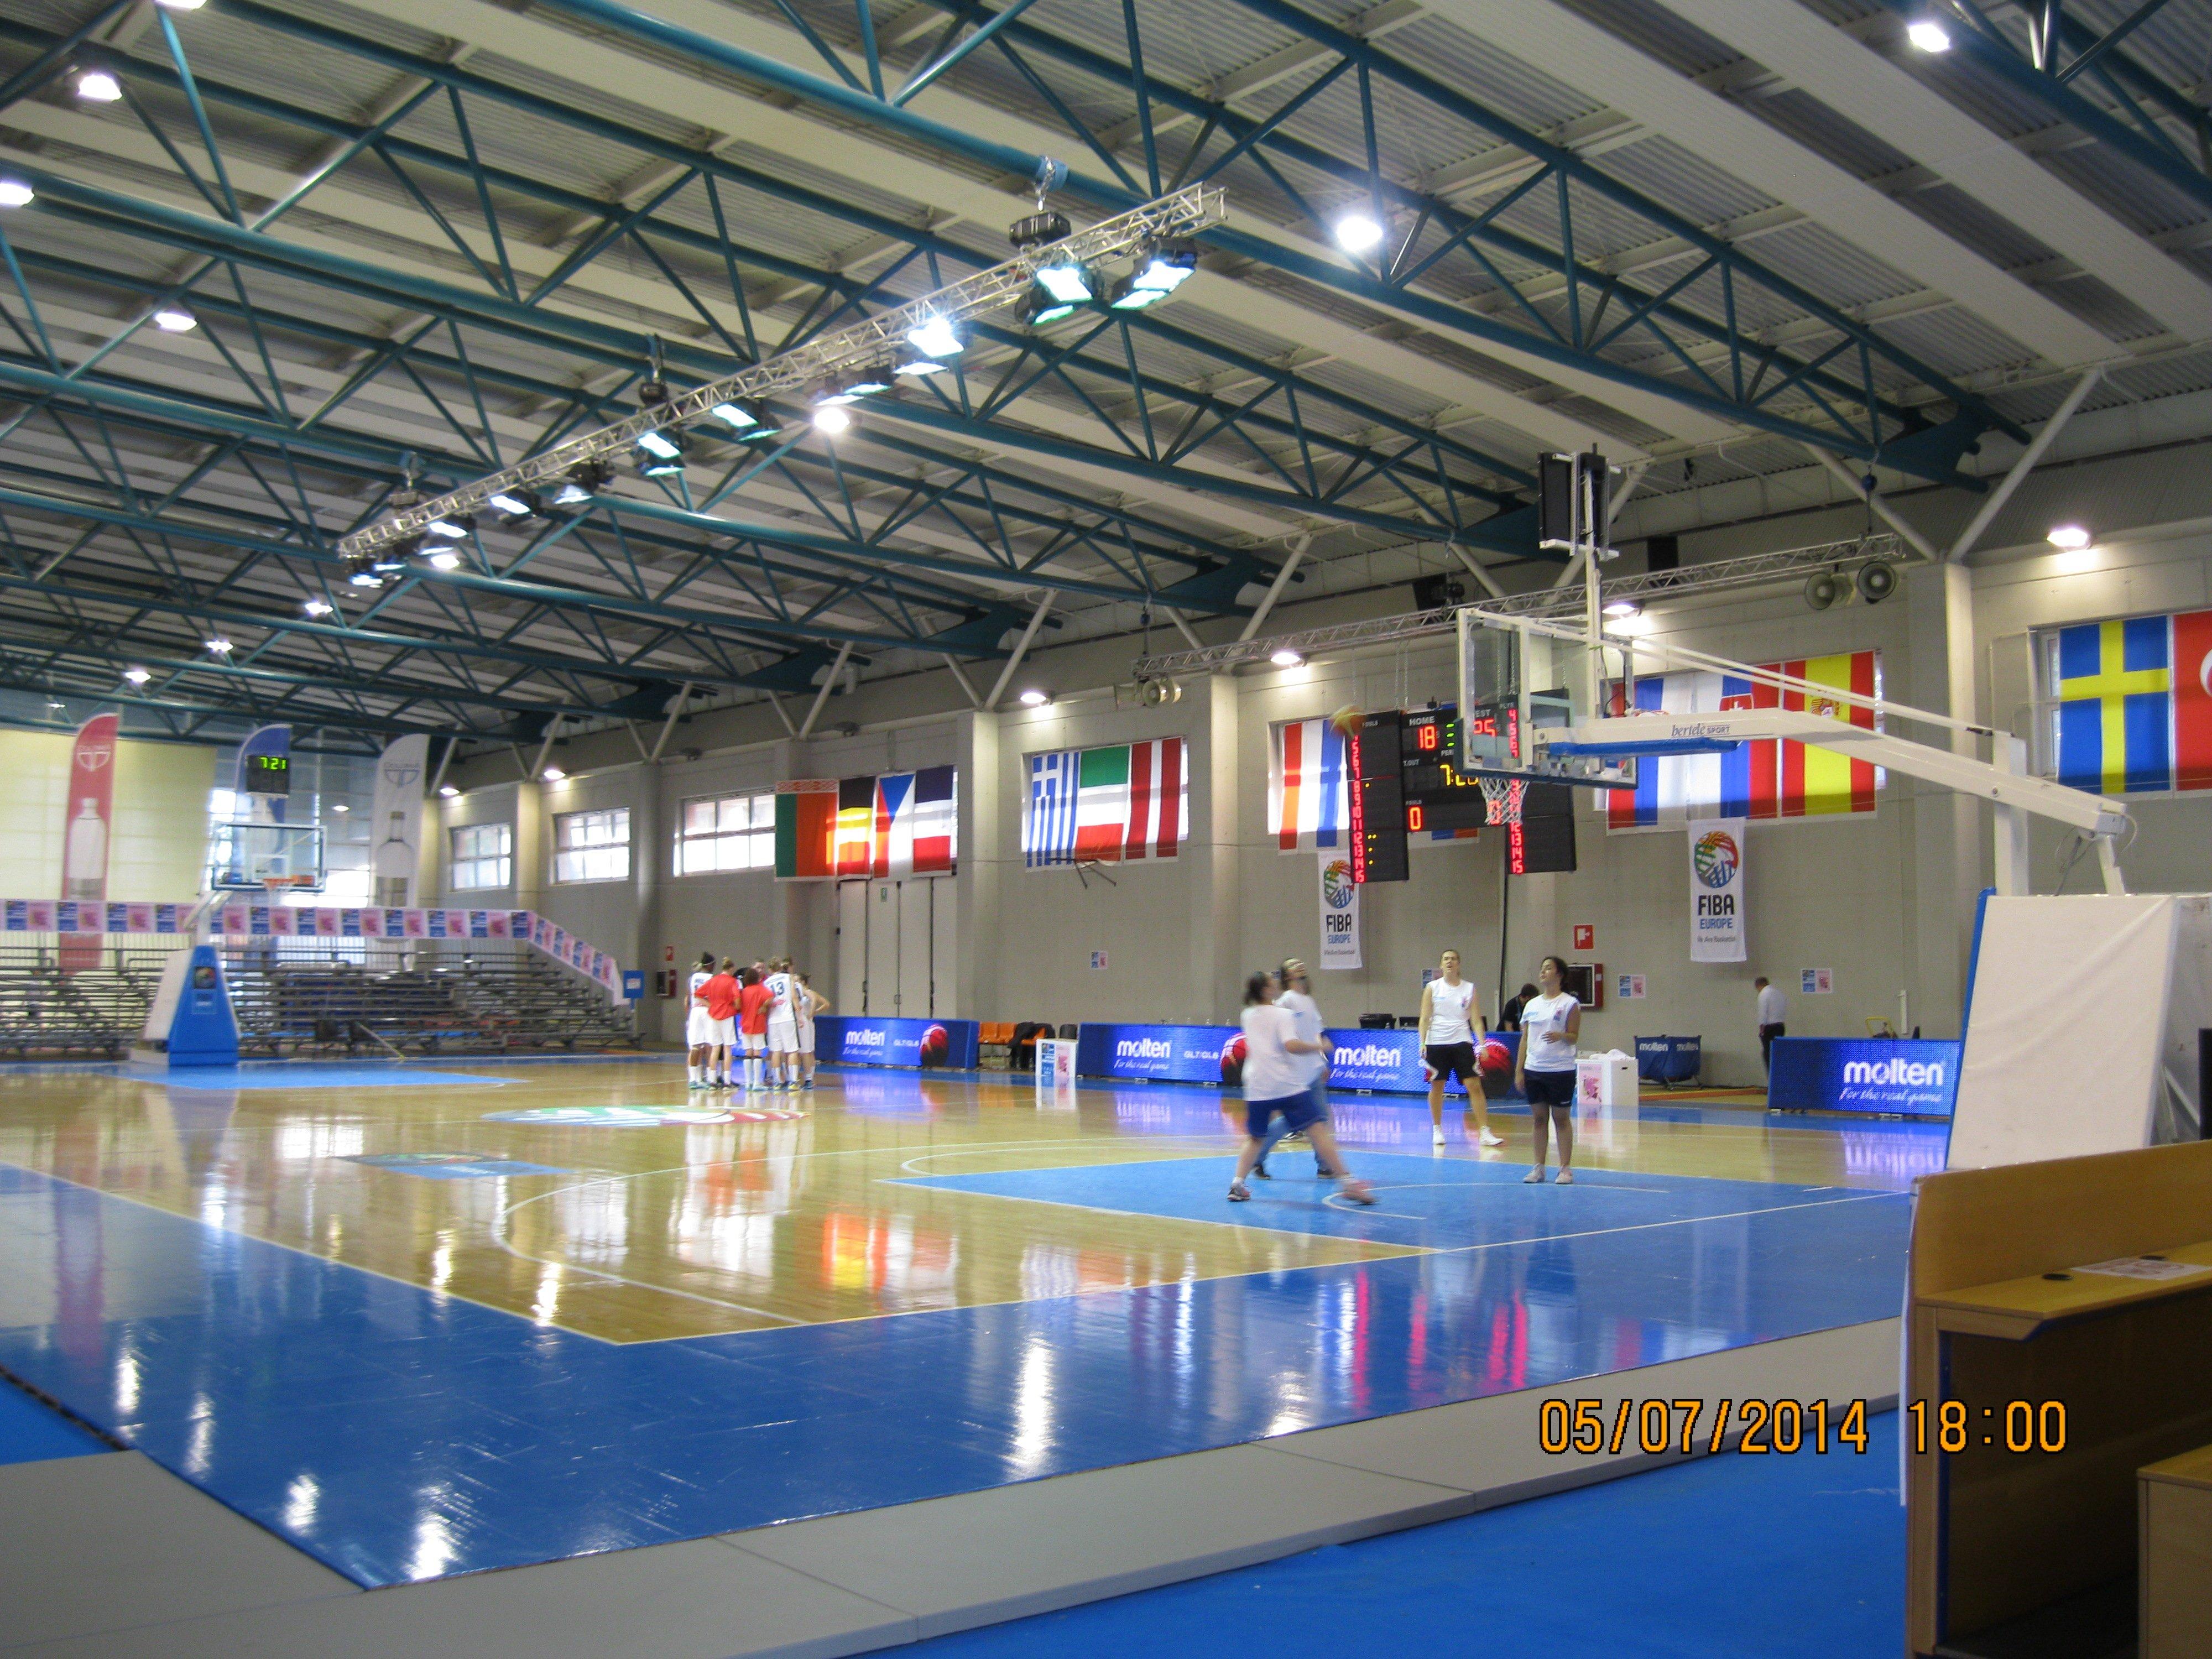 impianti acustici in un palazzo sportivo